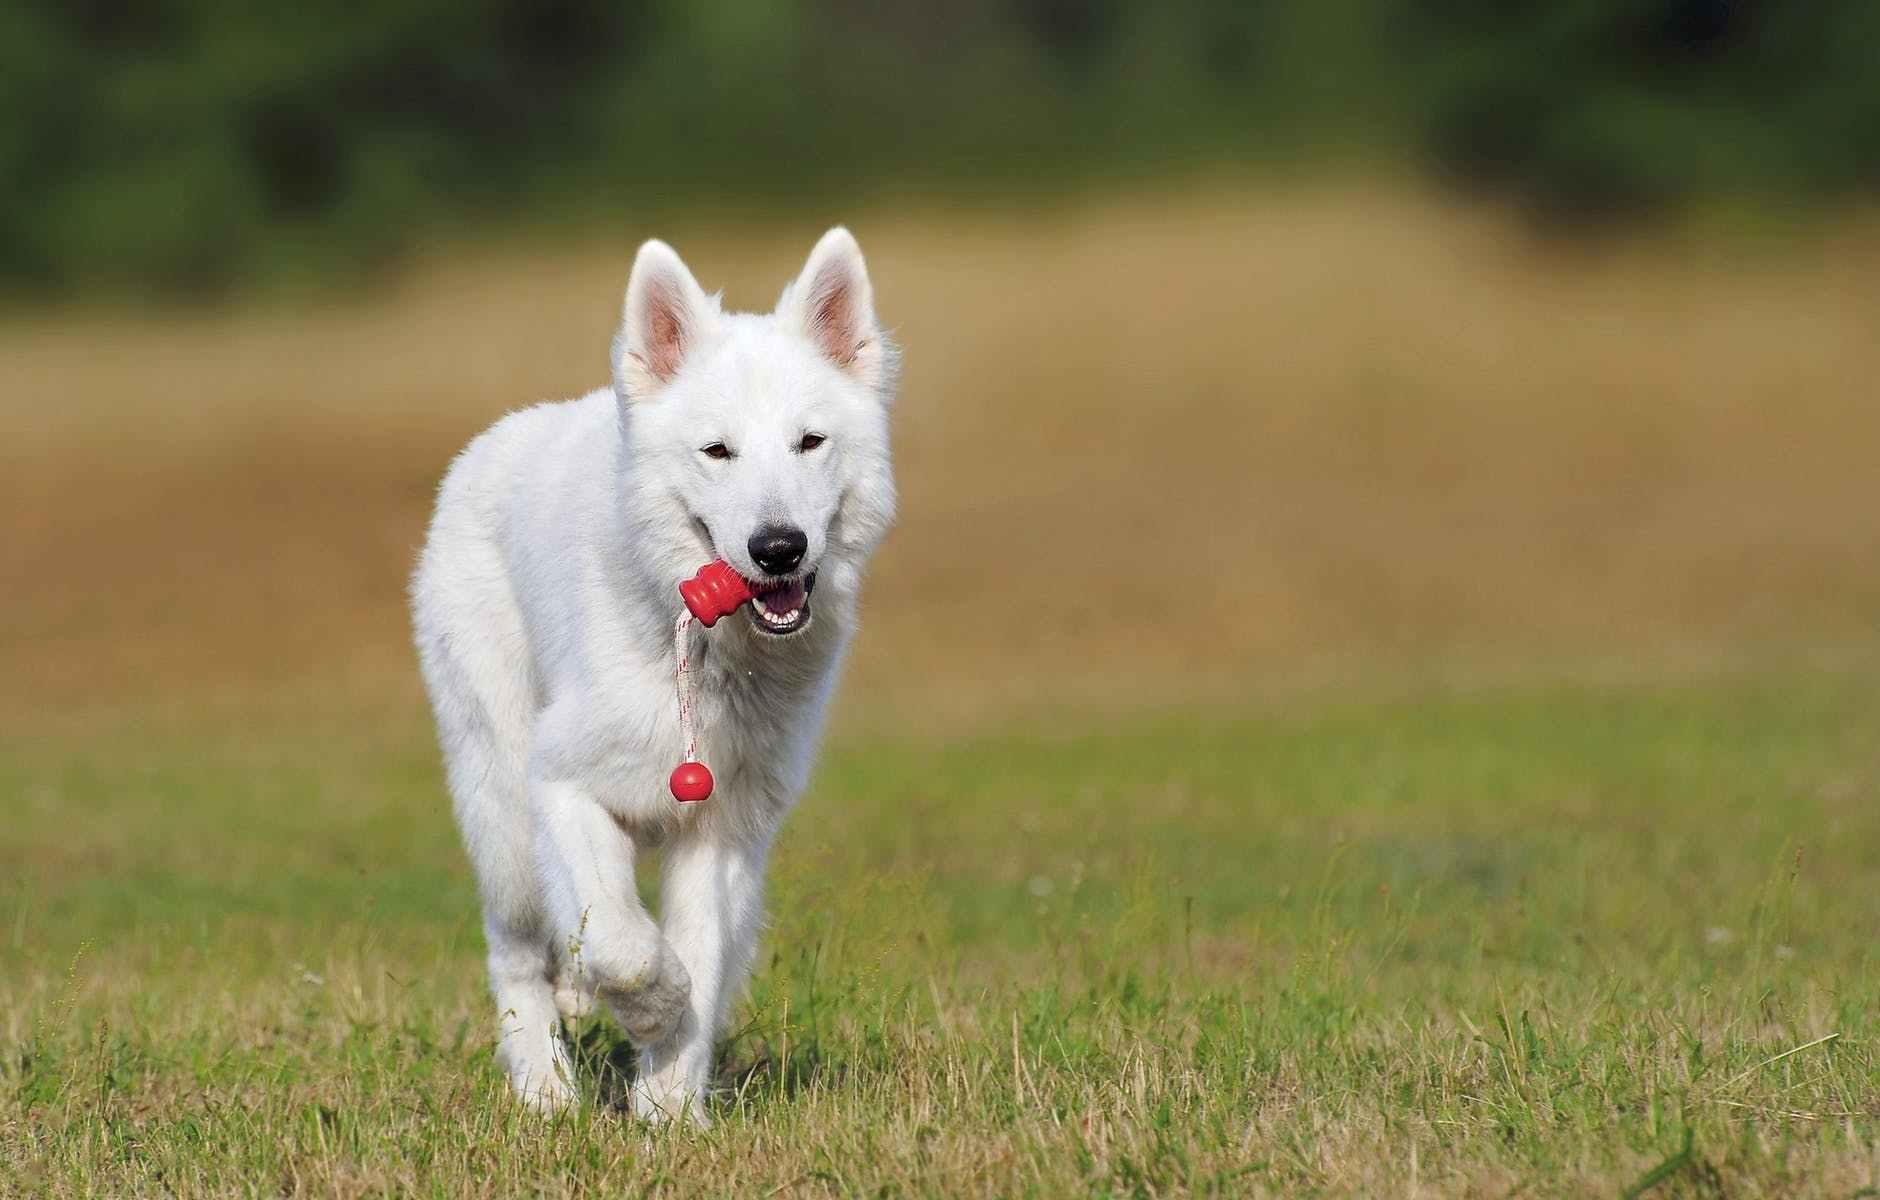 white dog running over green grass